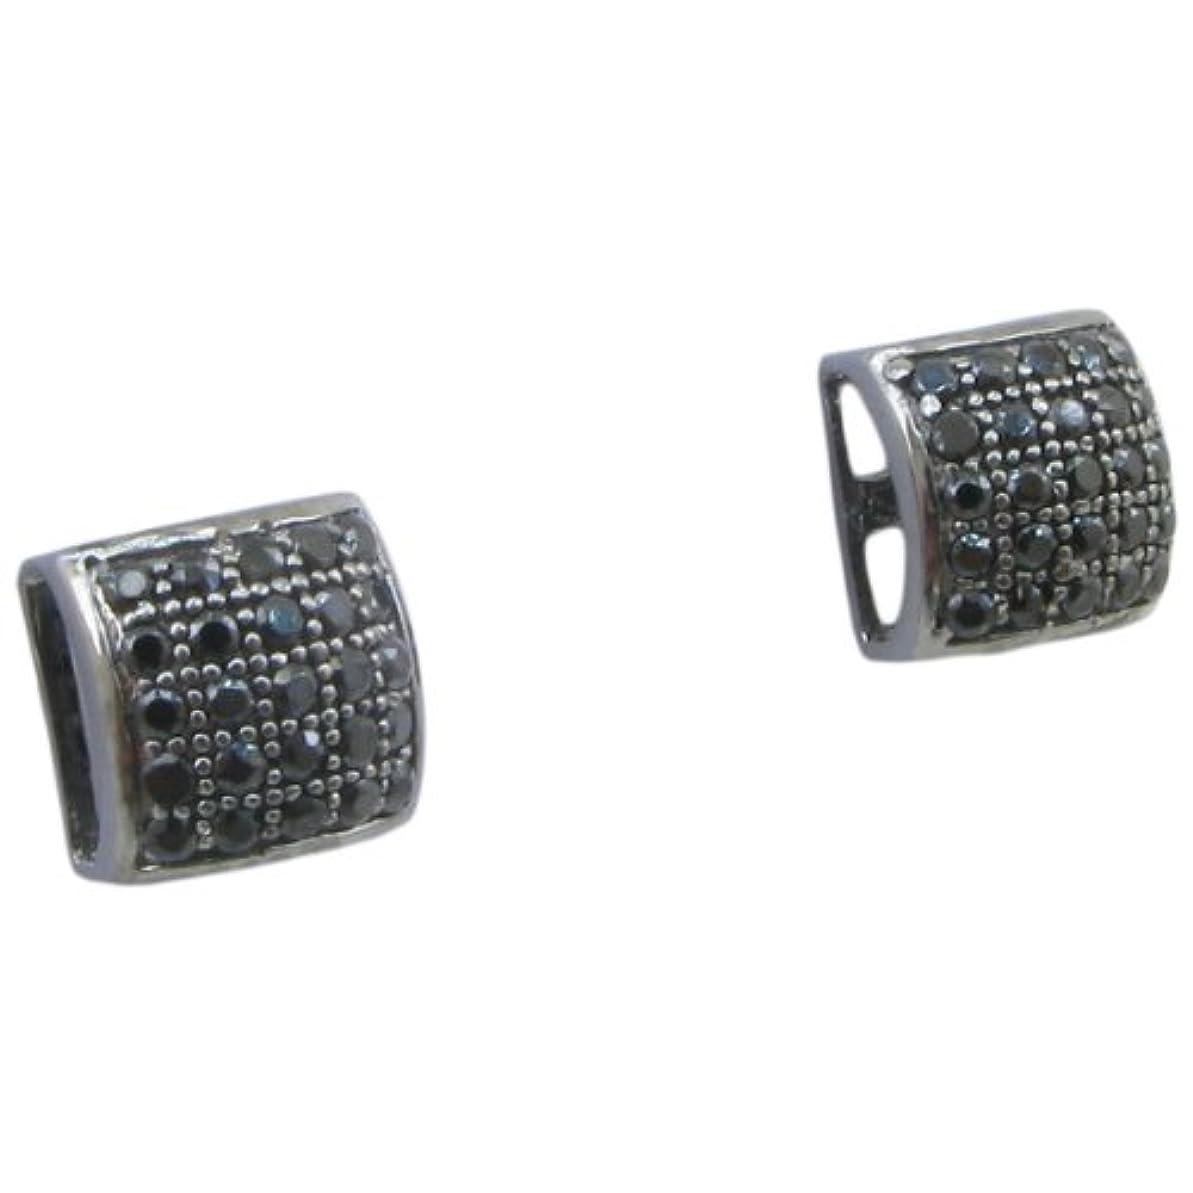 ブースト会議不幸メンズ。925スターリングシルバーブラック5行正方形イヤリングmlcz86 5 mm厚7 mm幅、サイズ